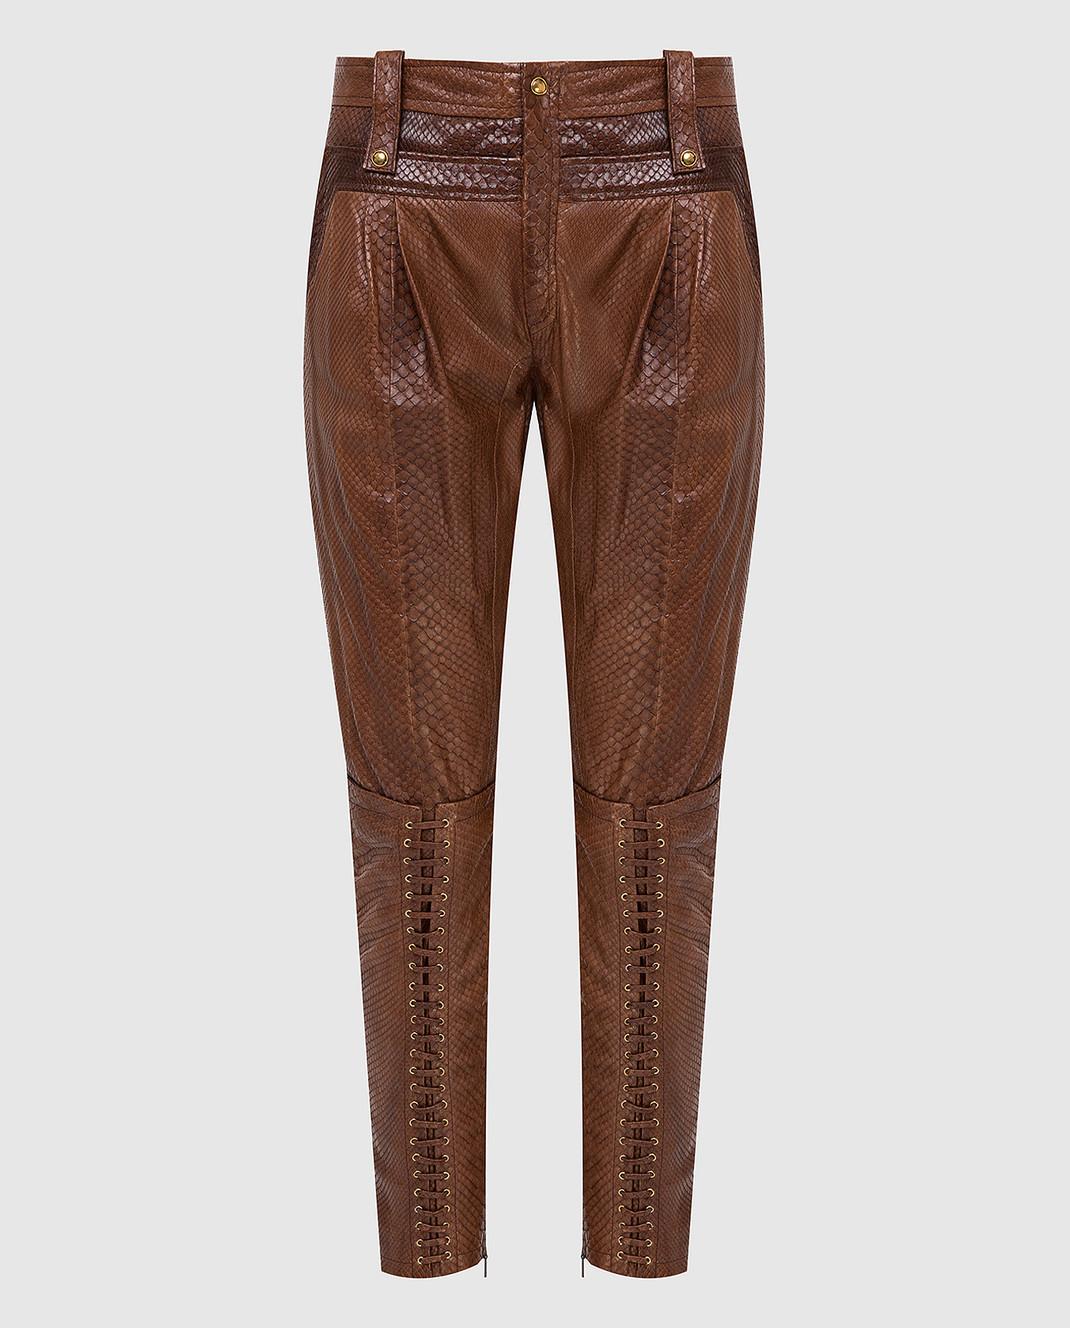 Gucci Коричневые брюки из кожи питона 264366